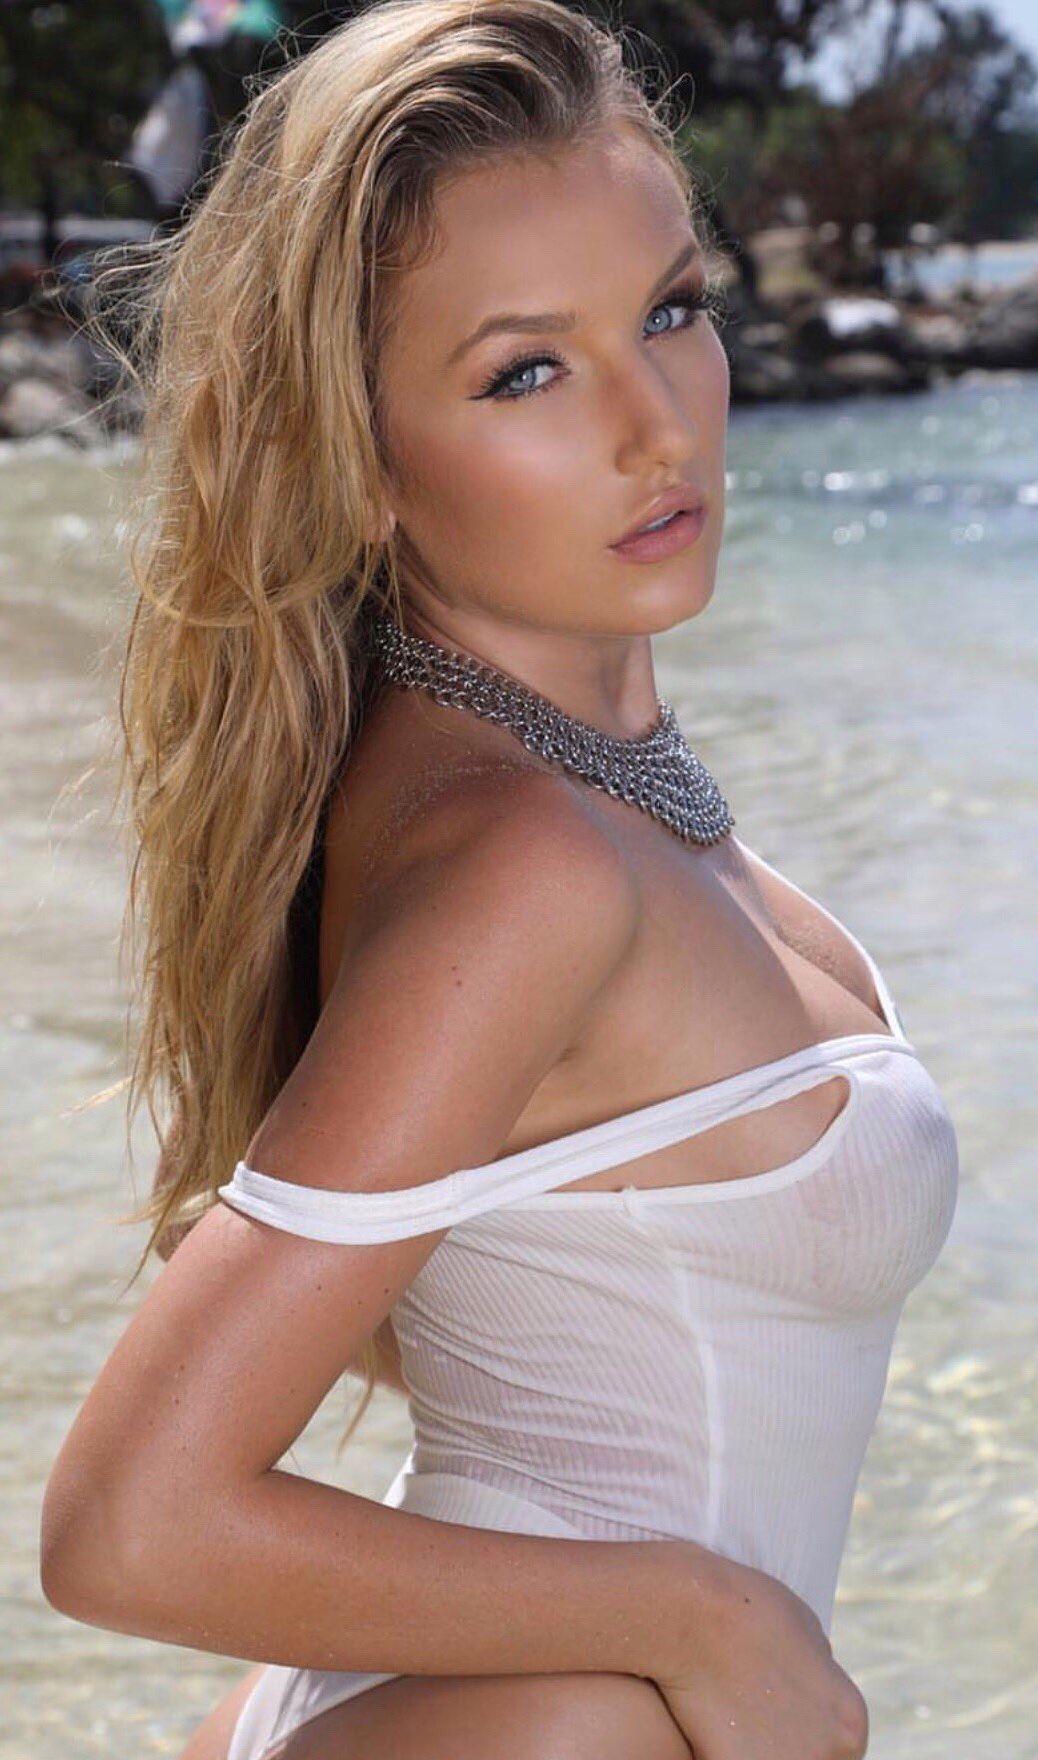 Trista Mikail nudes (44 photo), fotos Bikini, YouTube, swimsuit 2019